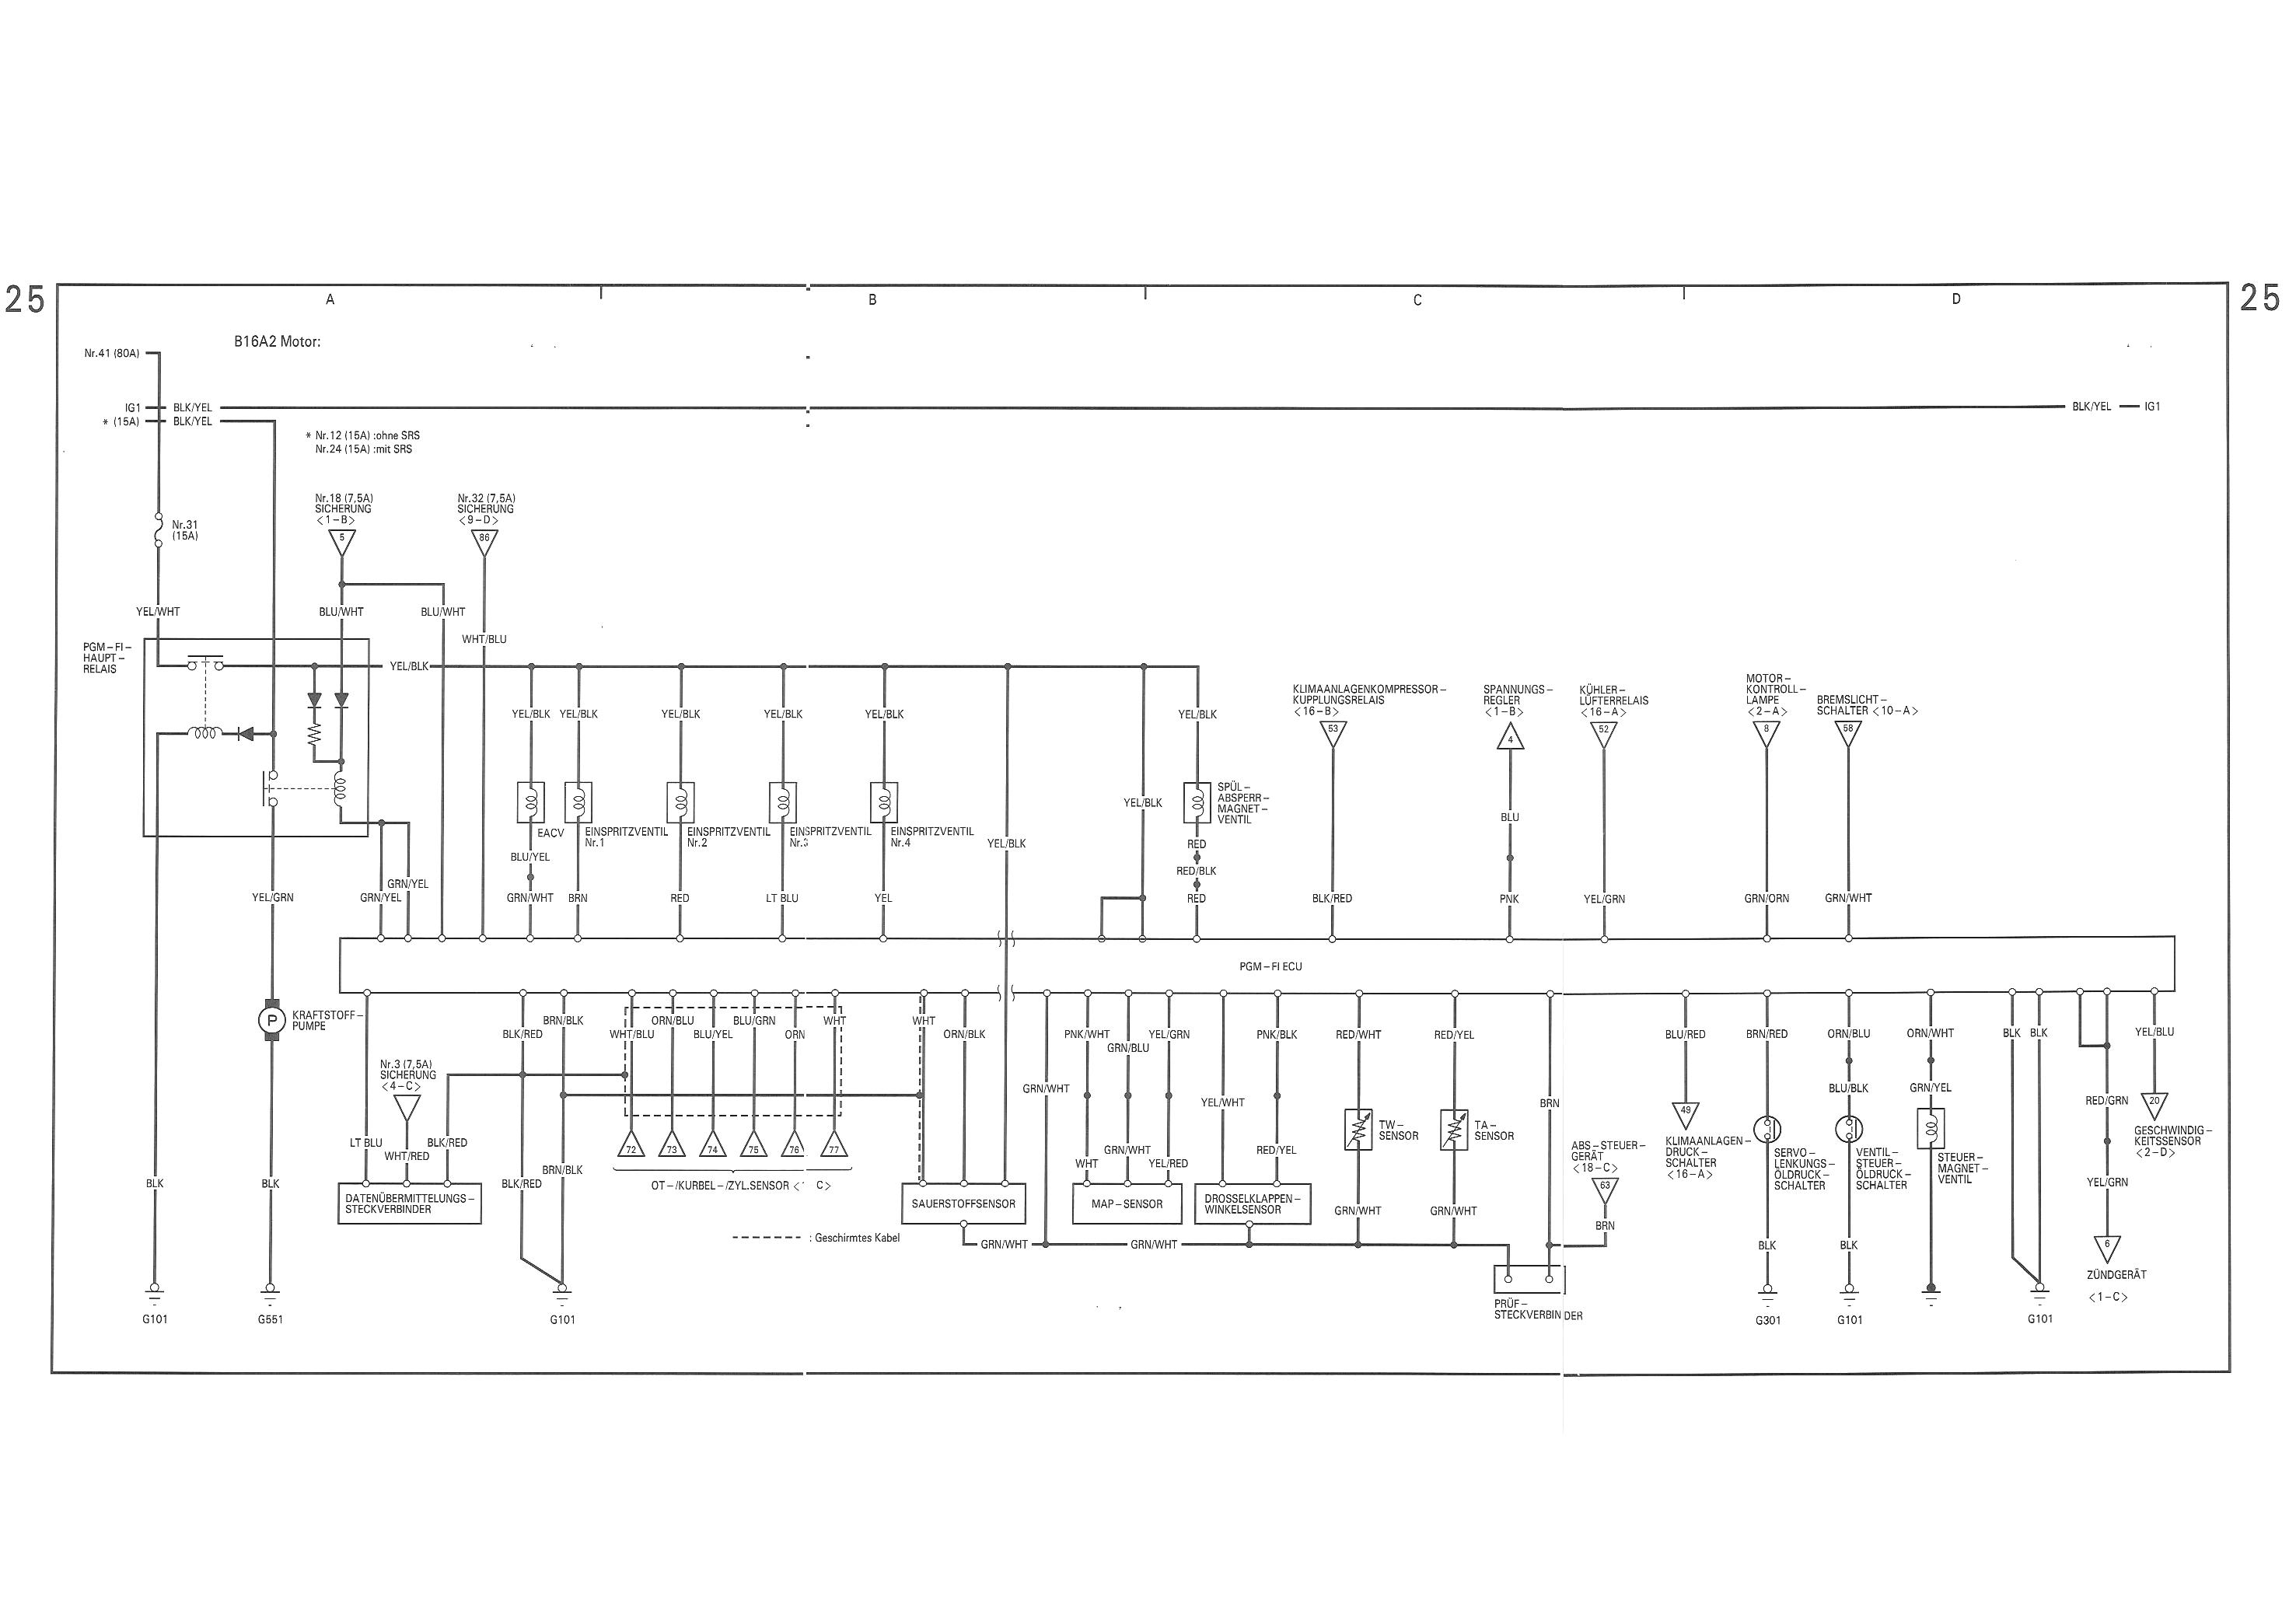 Tolle Crx Motor Schaltplan Ideen - Elektrische Schaltplan-Ideen ...